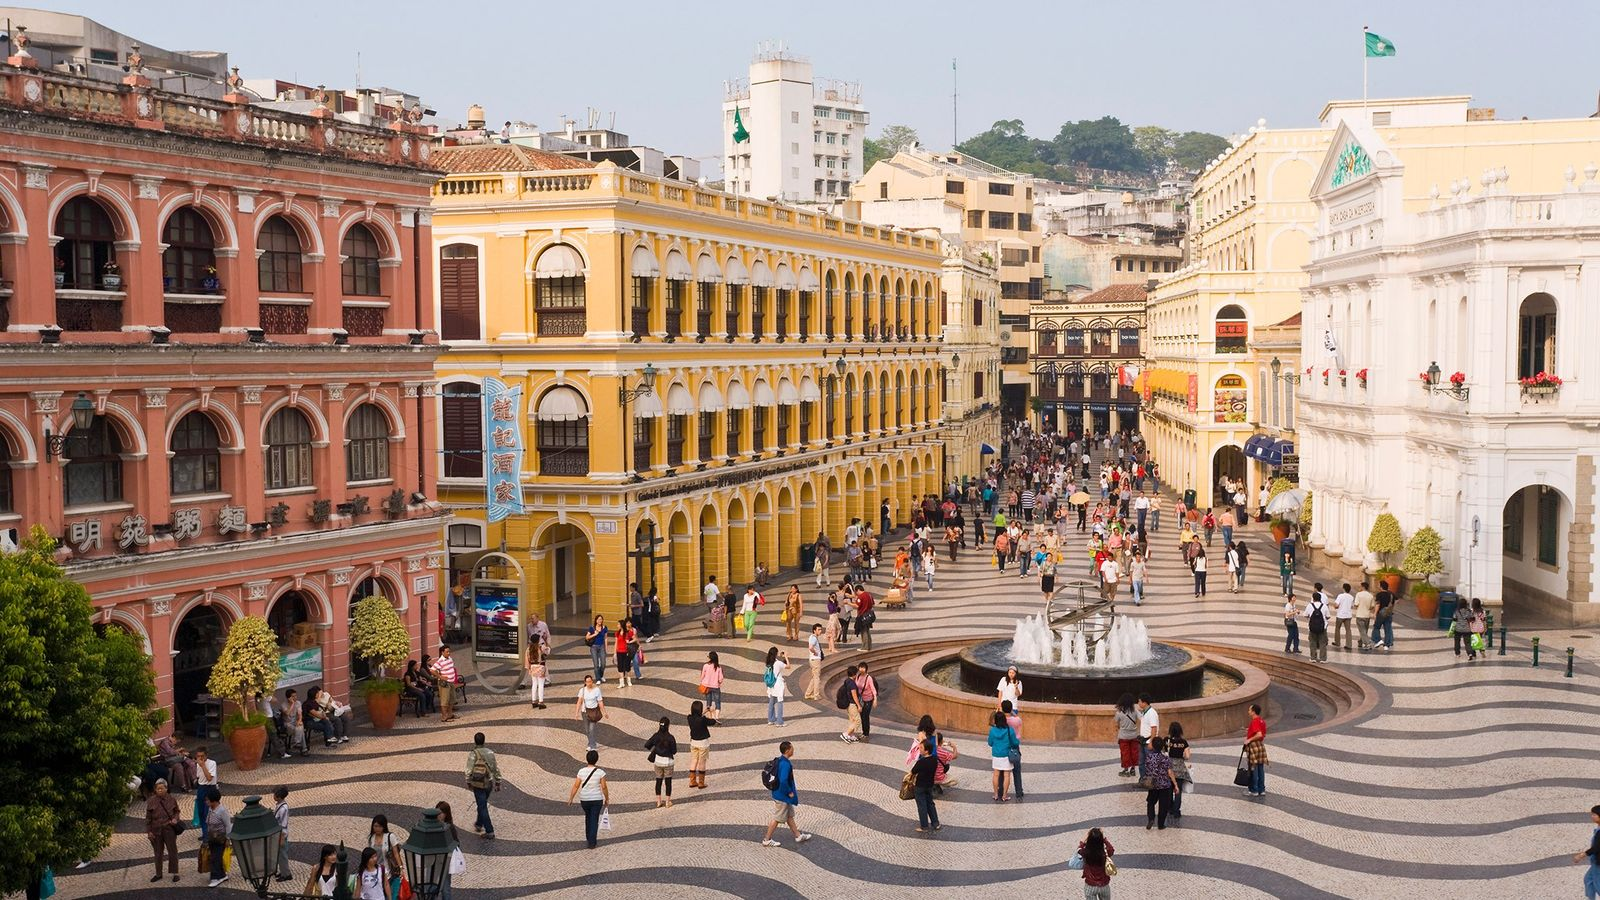 Macau mistura raízes portuguesas e chinesas que influenciam a sua diversa gastronomia.